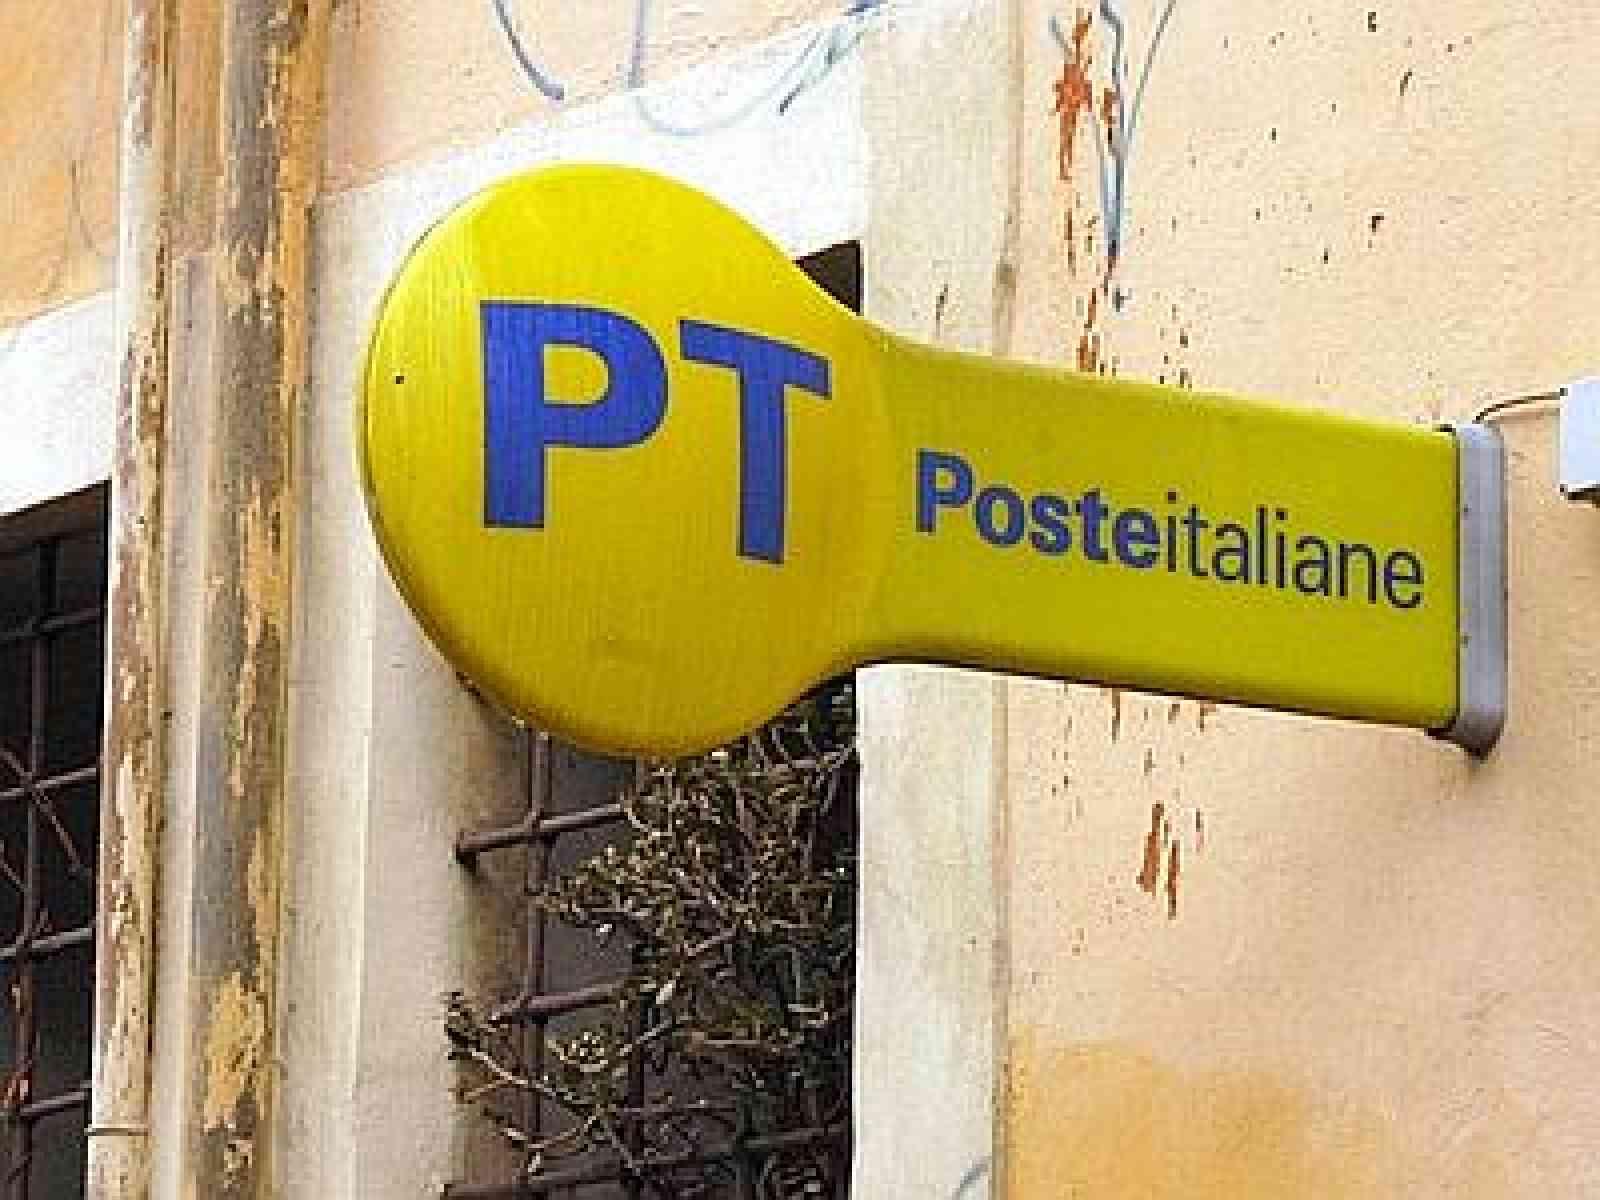 Poggioreale. Ufficio postale chiuso dal 6 dicembre, numerosi disagi